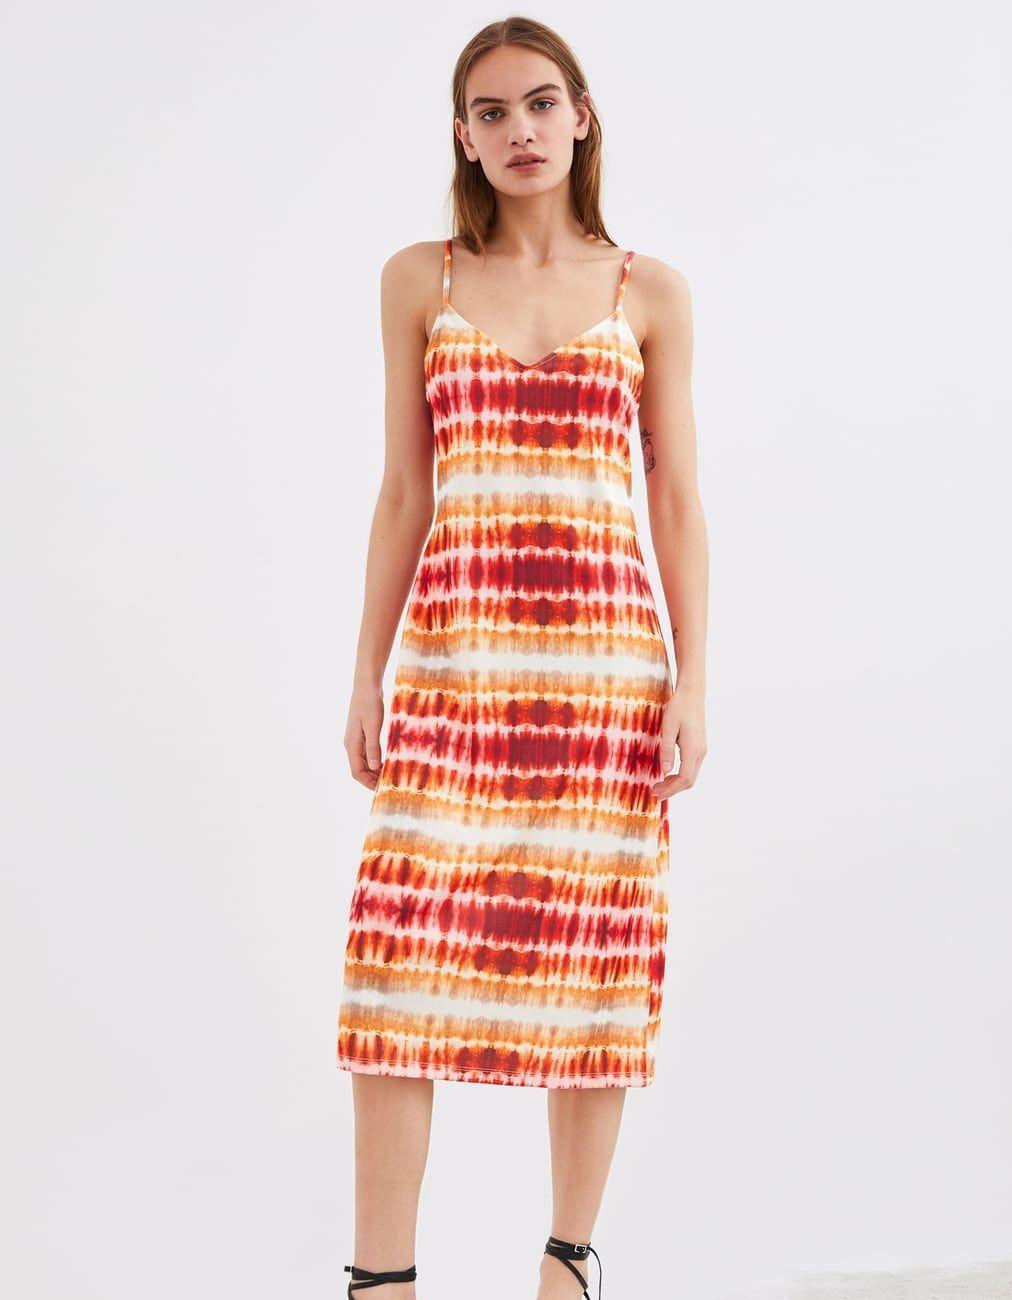 L'été Qu'on Robes En Plus Va Porter Belles Les Zara Tout Elle Soldes 7bf6Yyvg